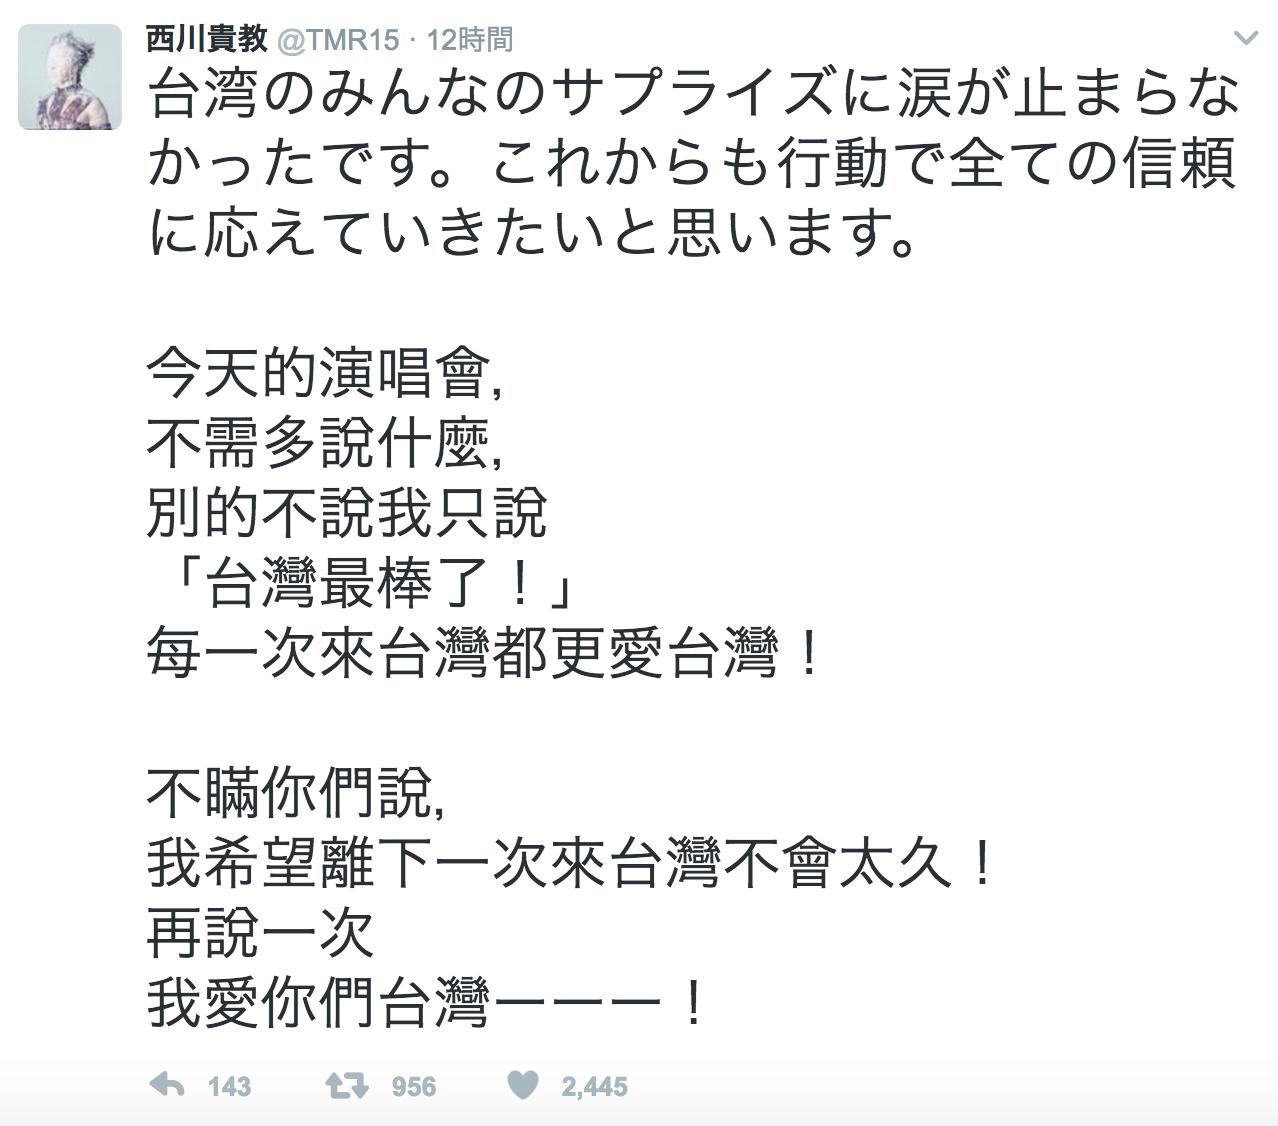 【迷迷現場】「你們好狡猾!」樂迷排字惹哭西川貴教